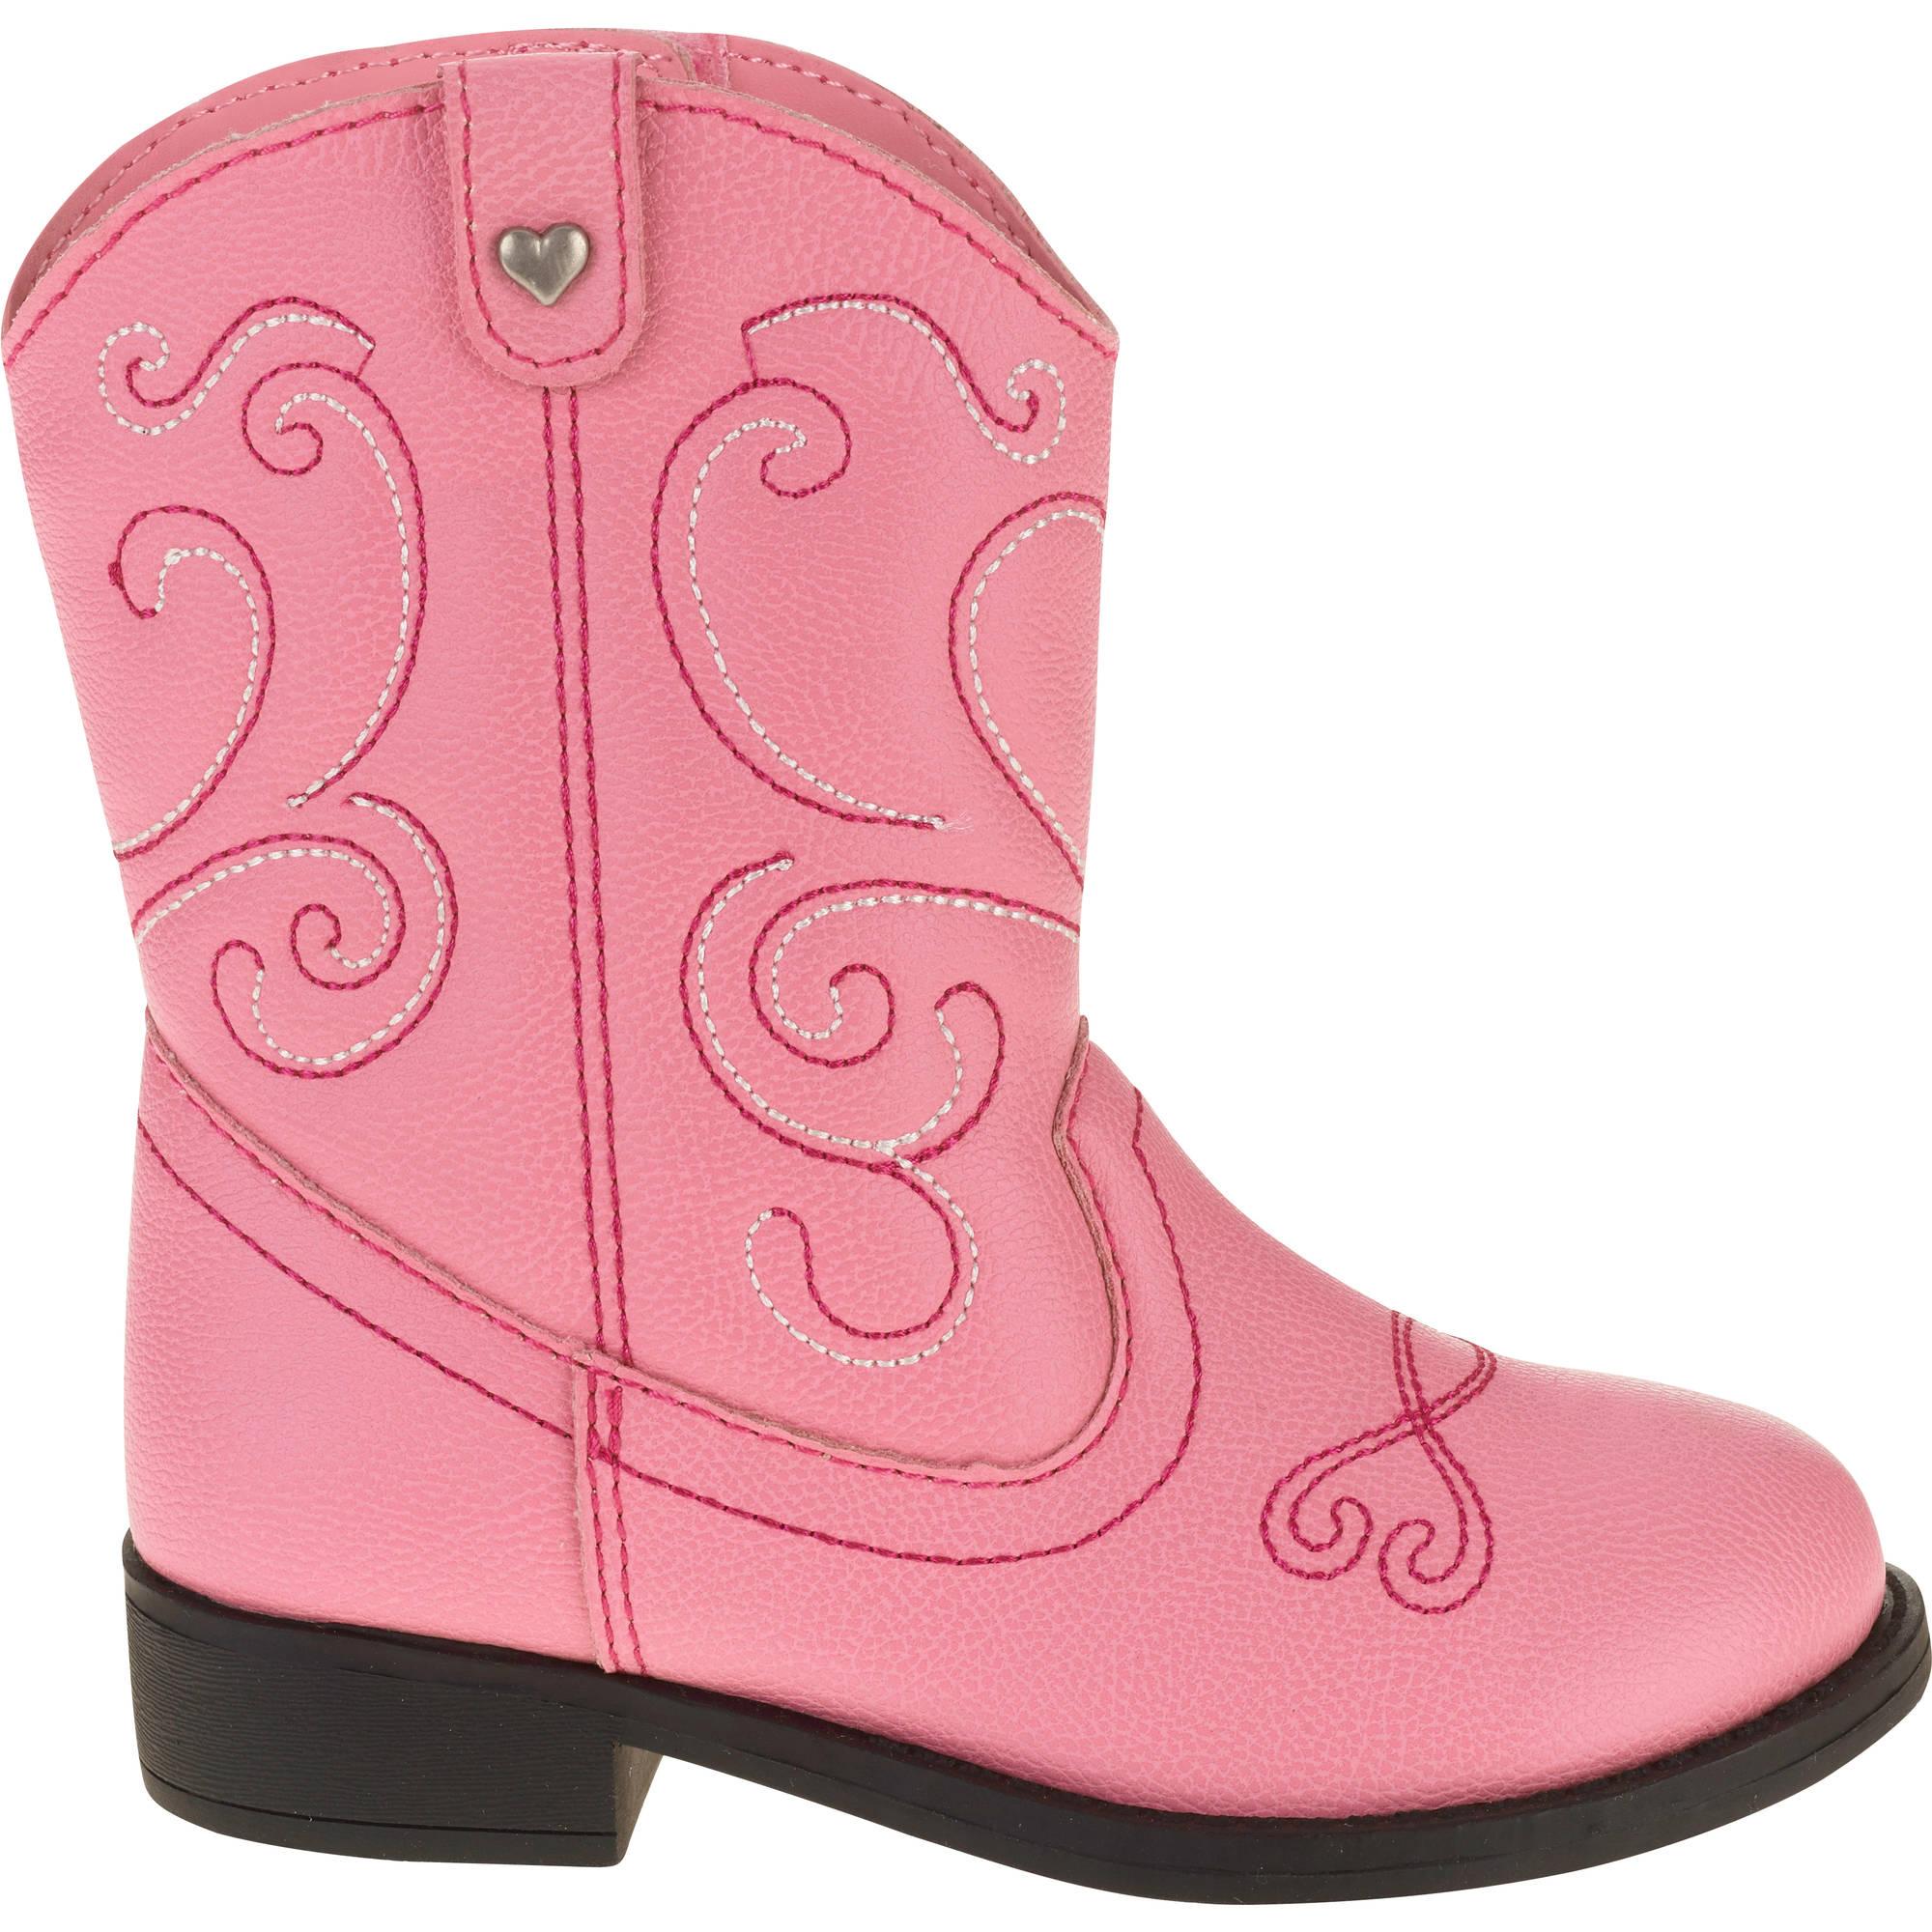 ff641469e Healthtex - Healthtex Gt Ht Boot Cowboy 15 - Walmart.com